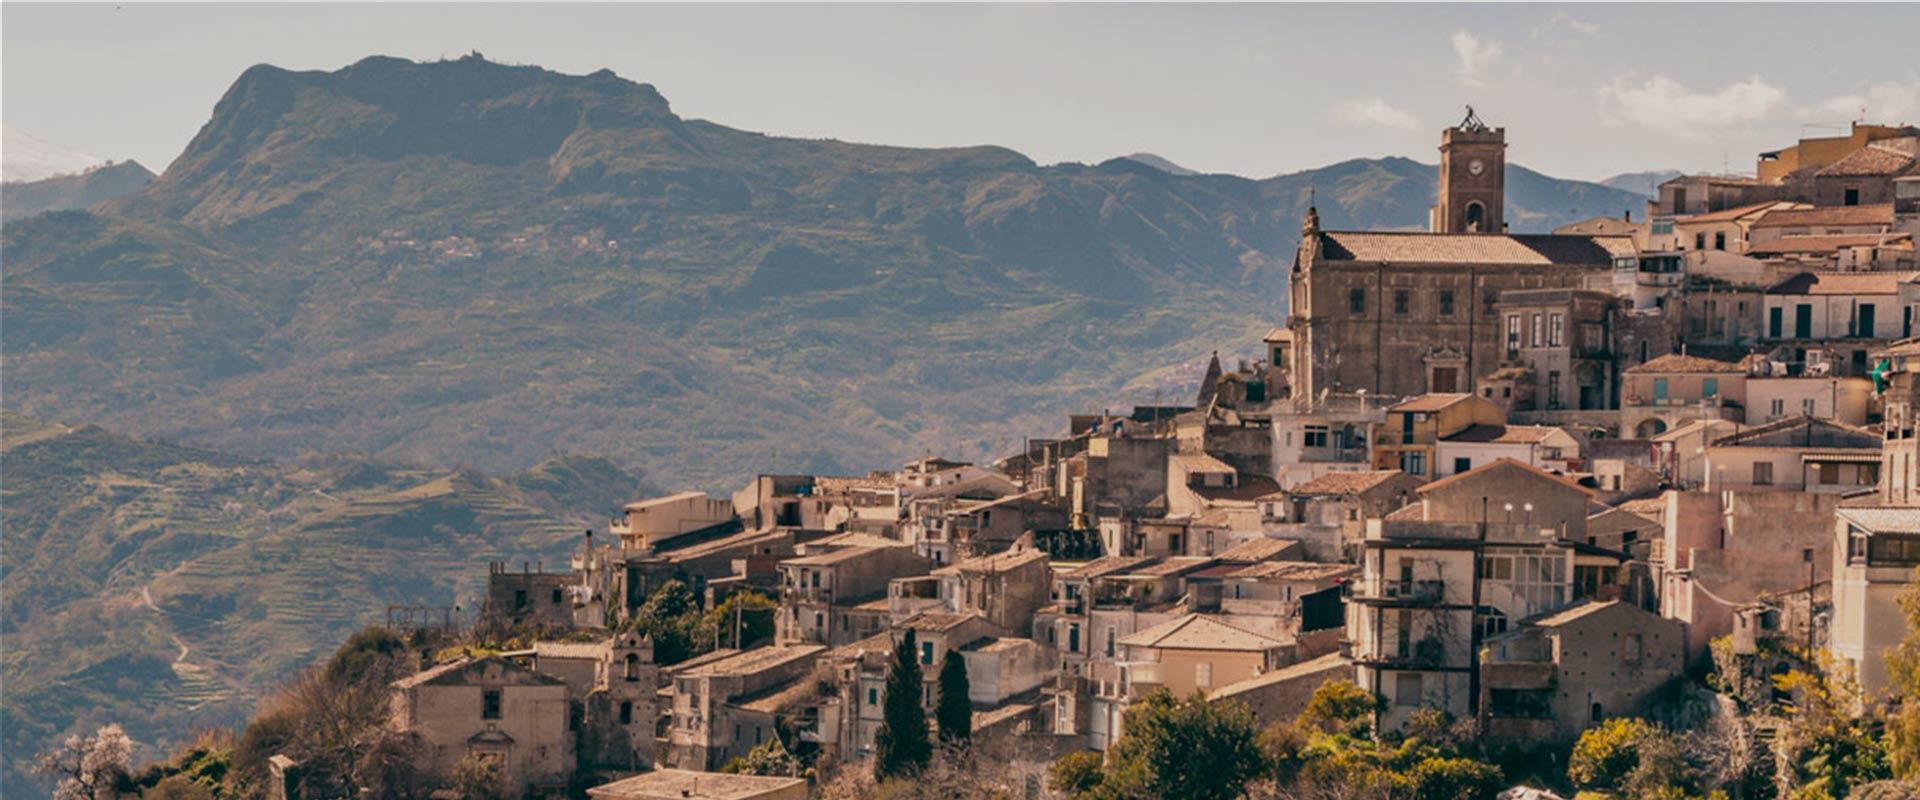 Castelvecchio Siculo